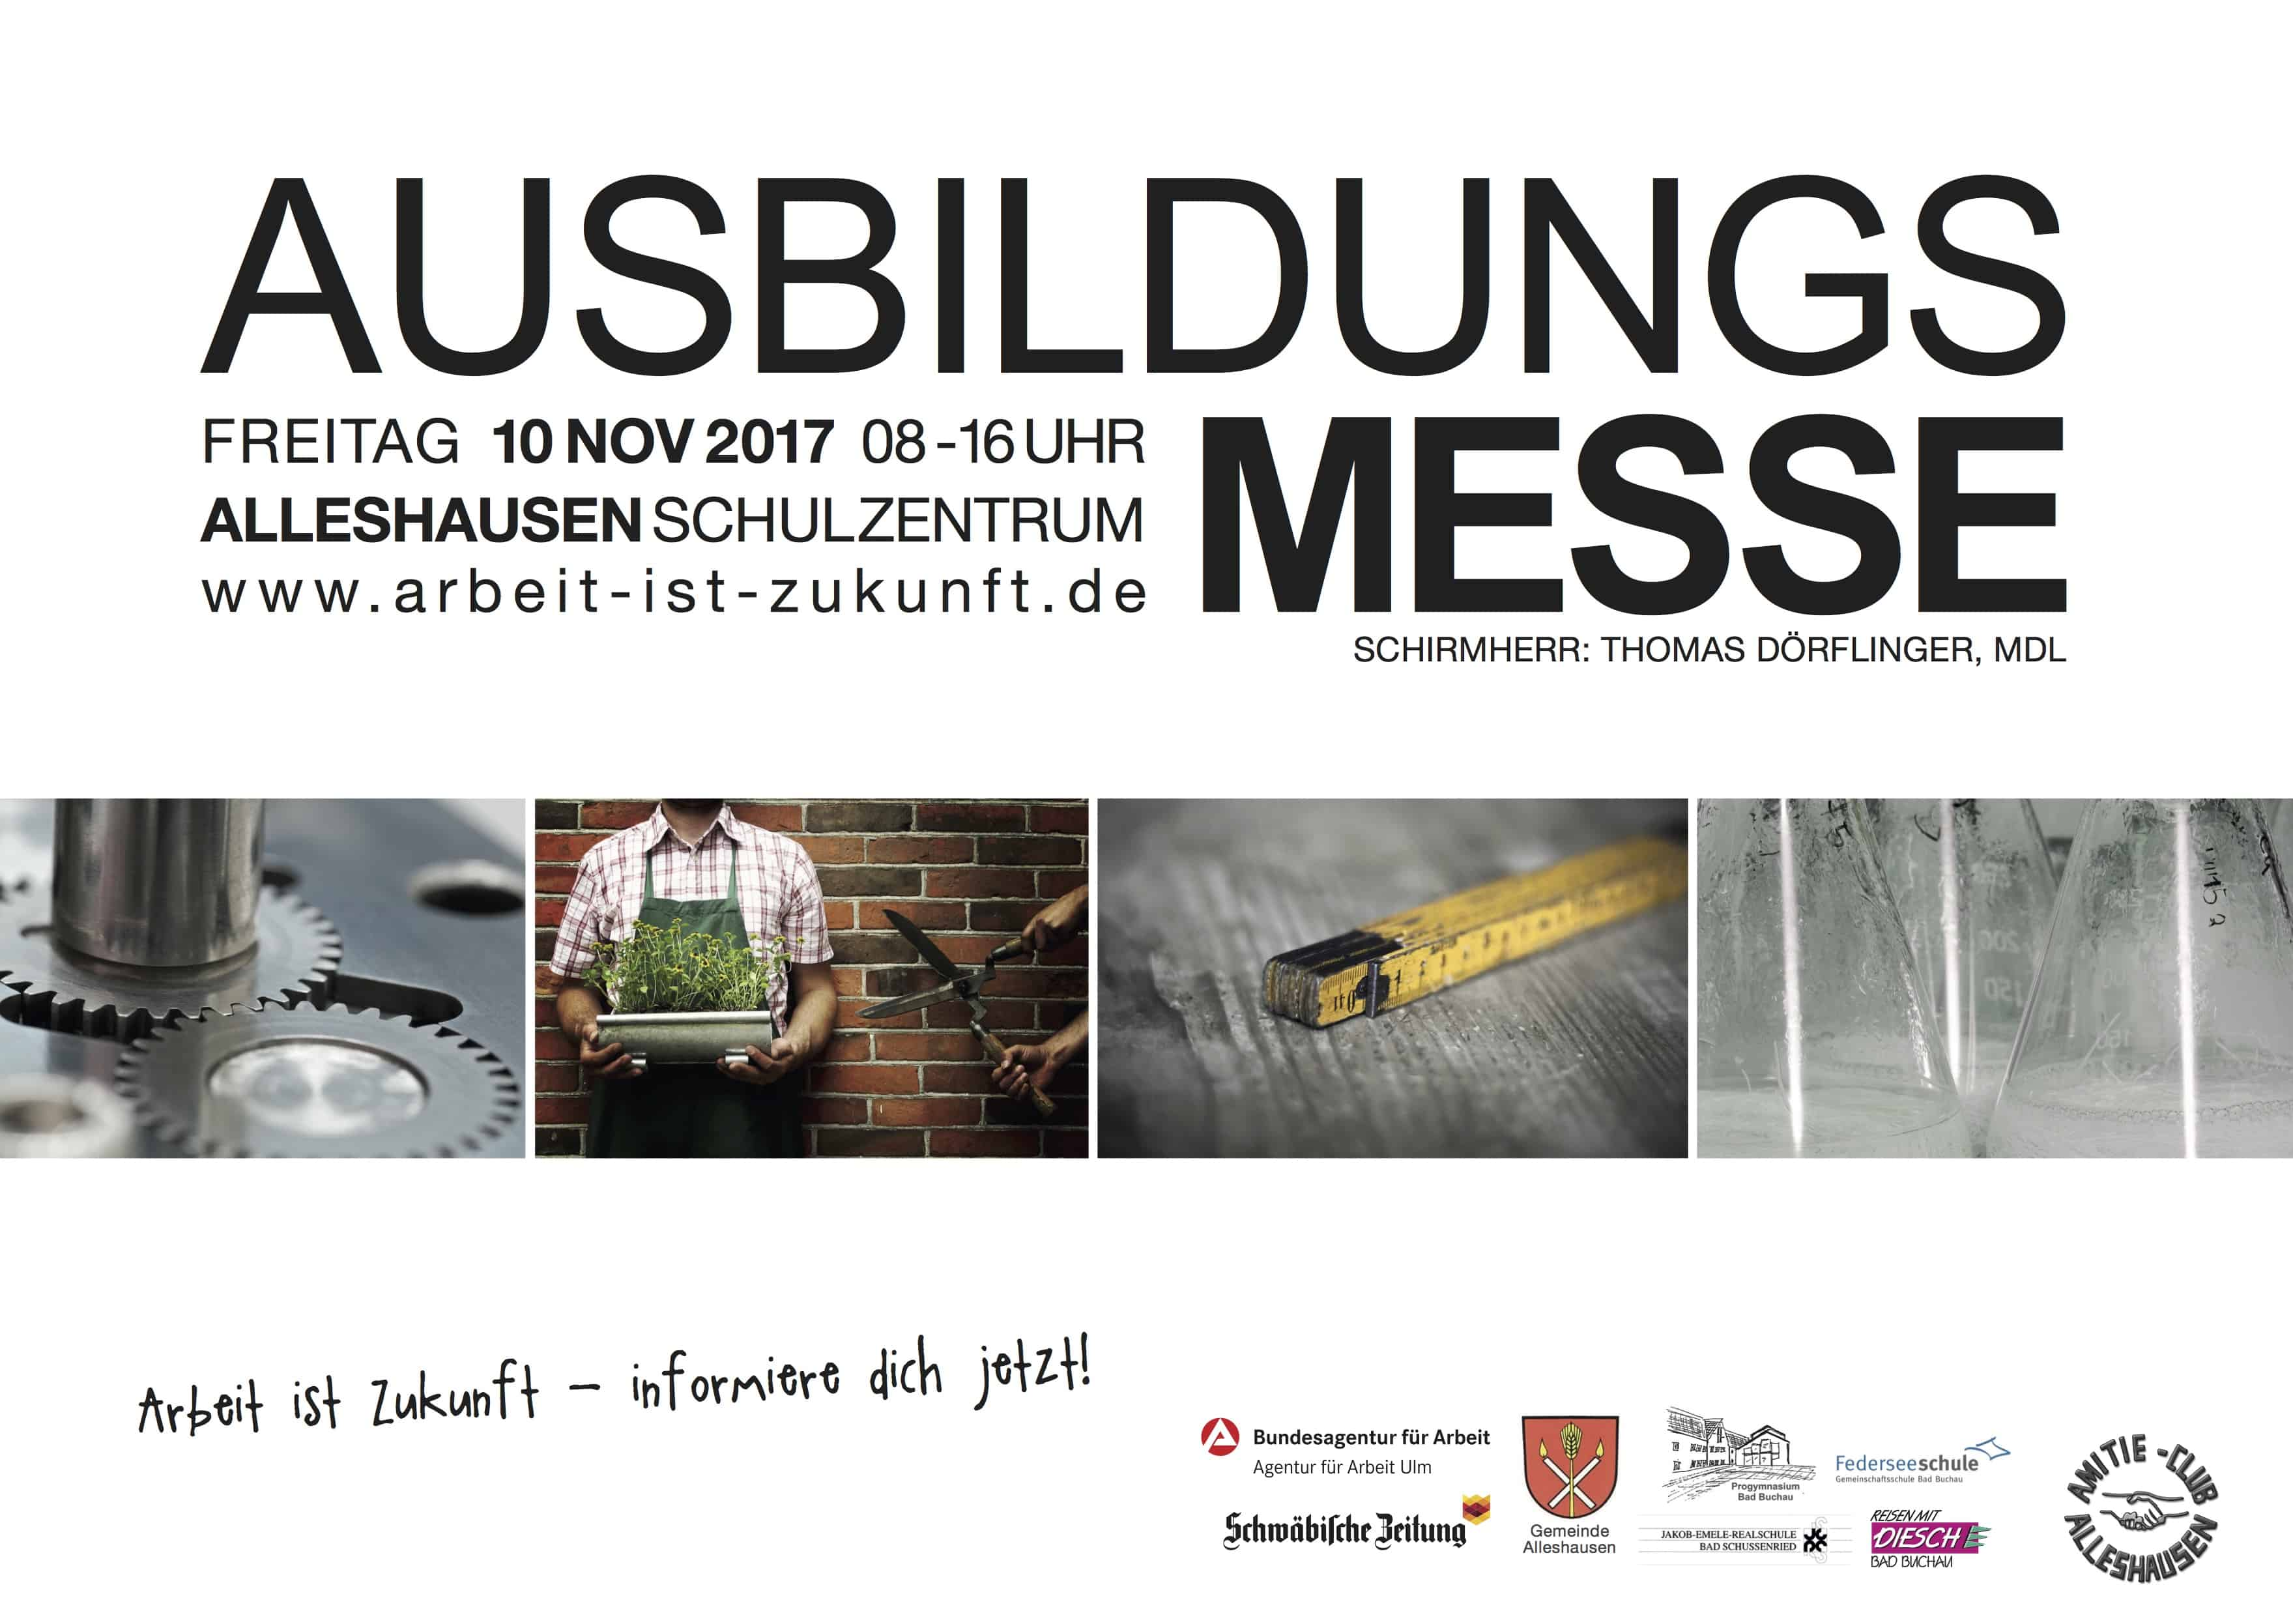 Ausbildungsmesse Alleshausen